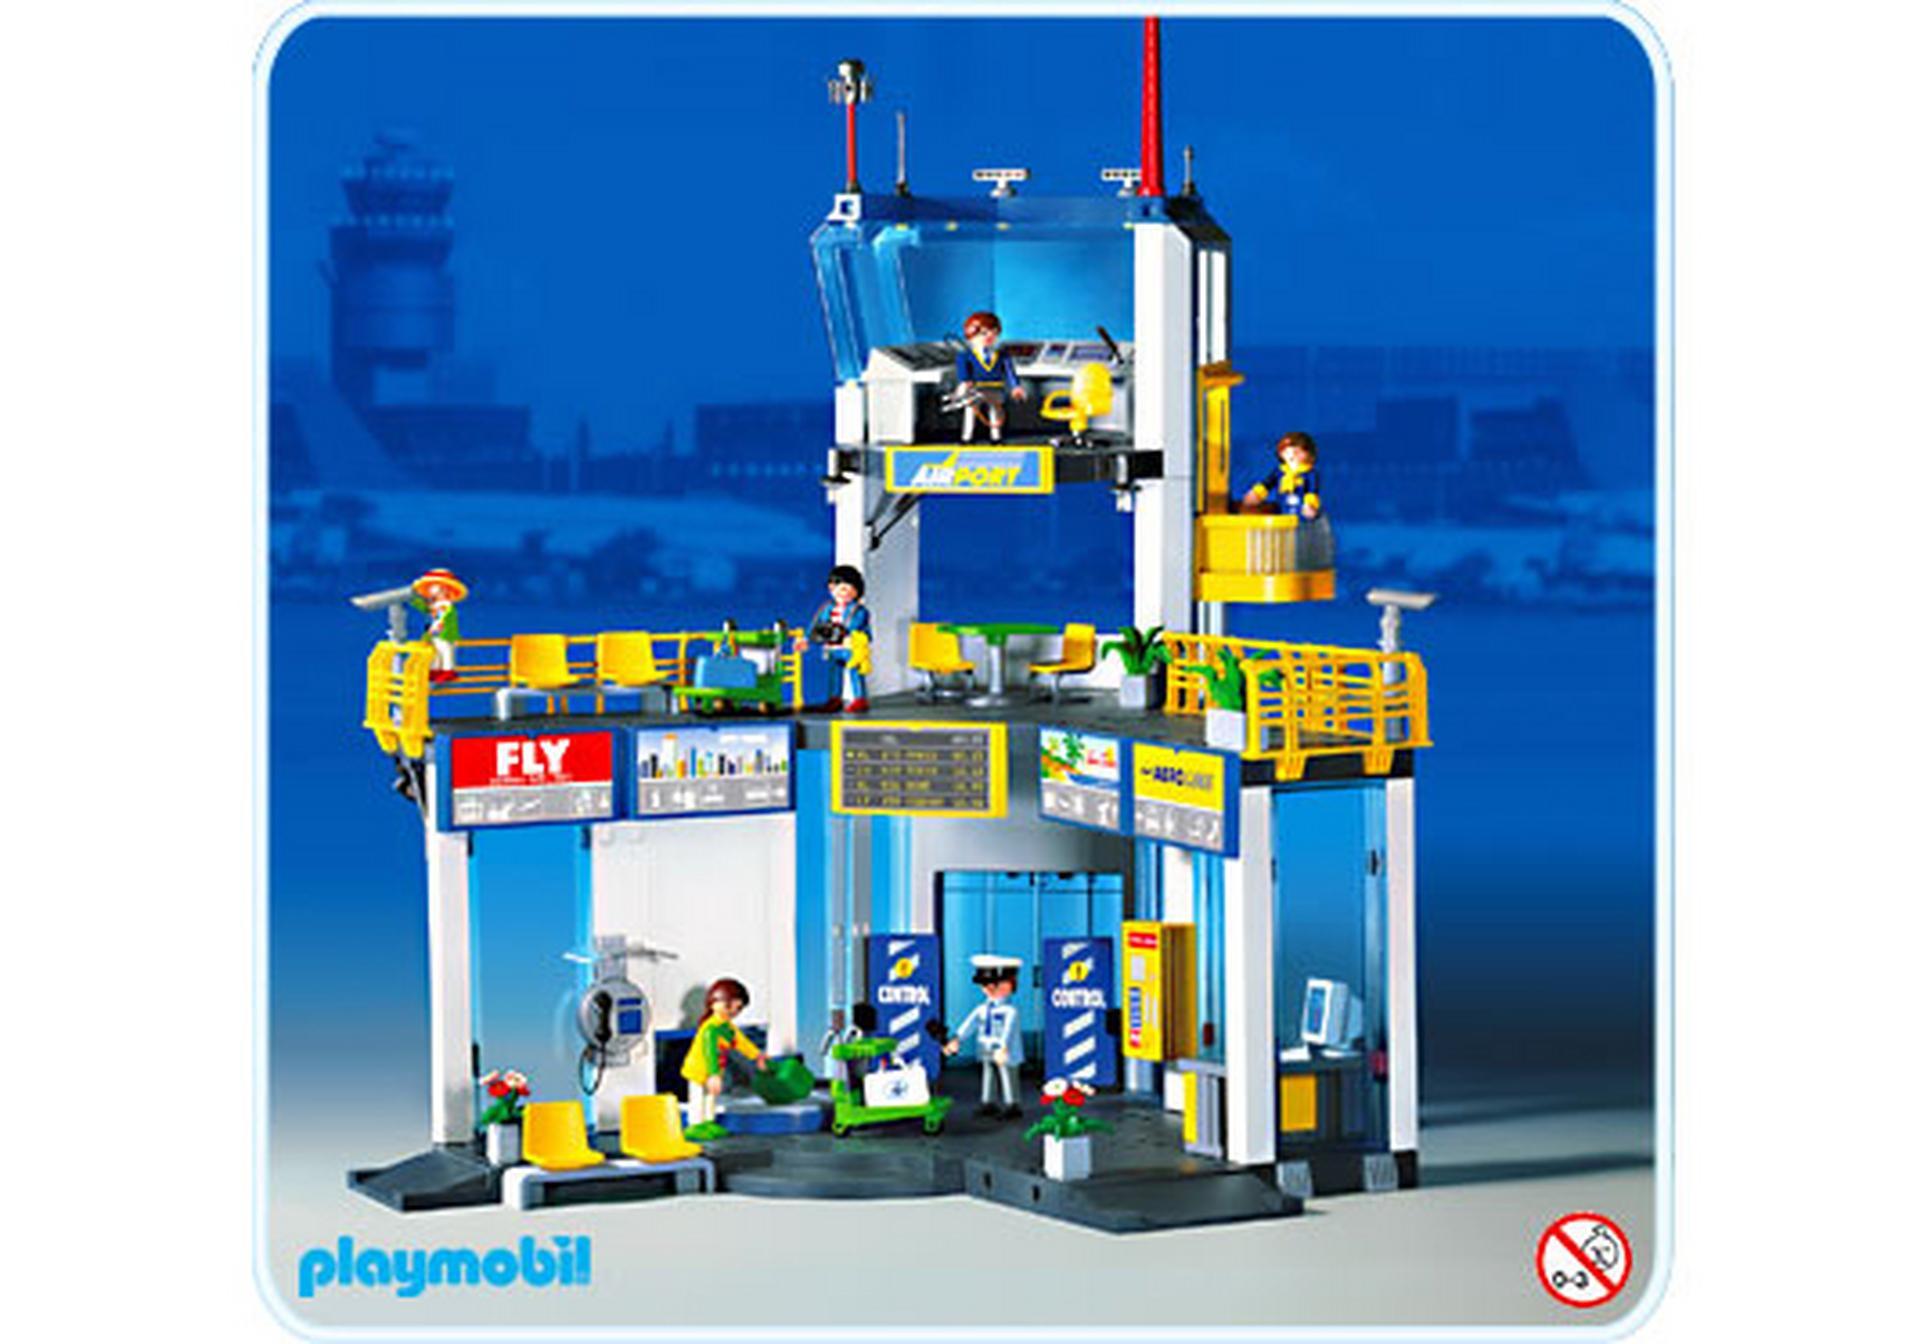 Flughafen tower 3186 a playmobil schweiz for Jugendzimmer playmobil